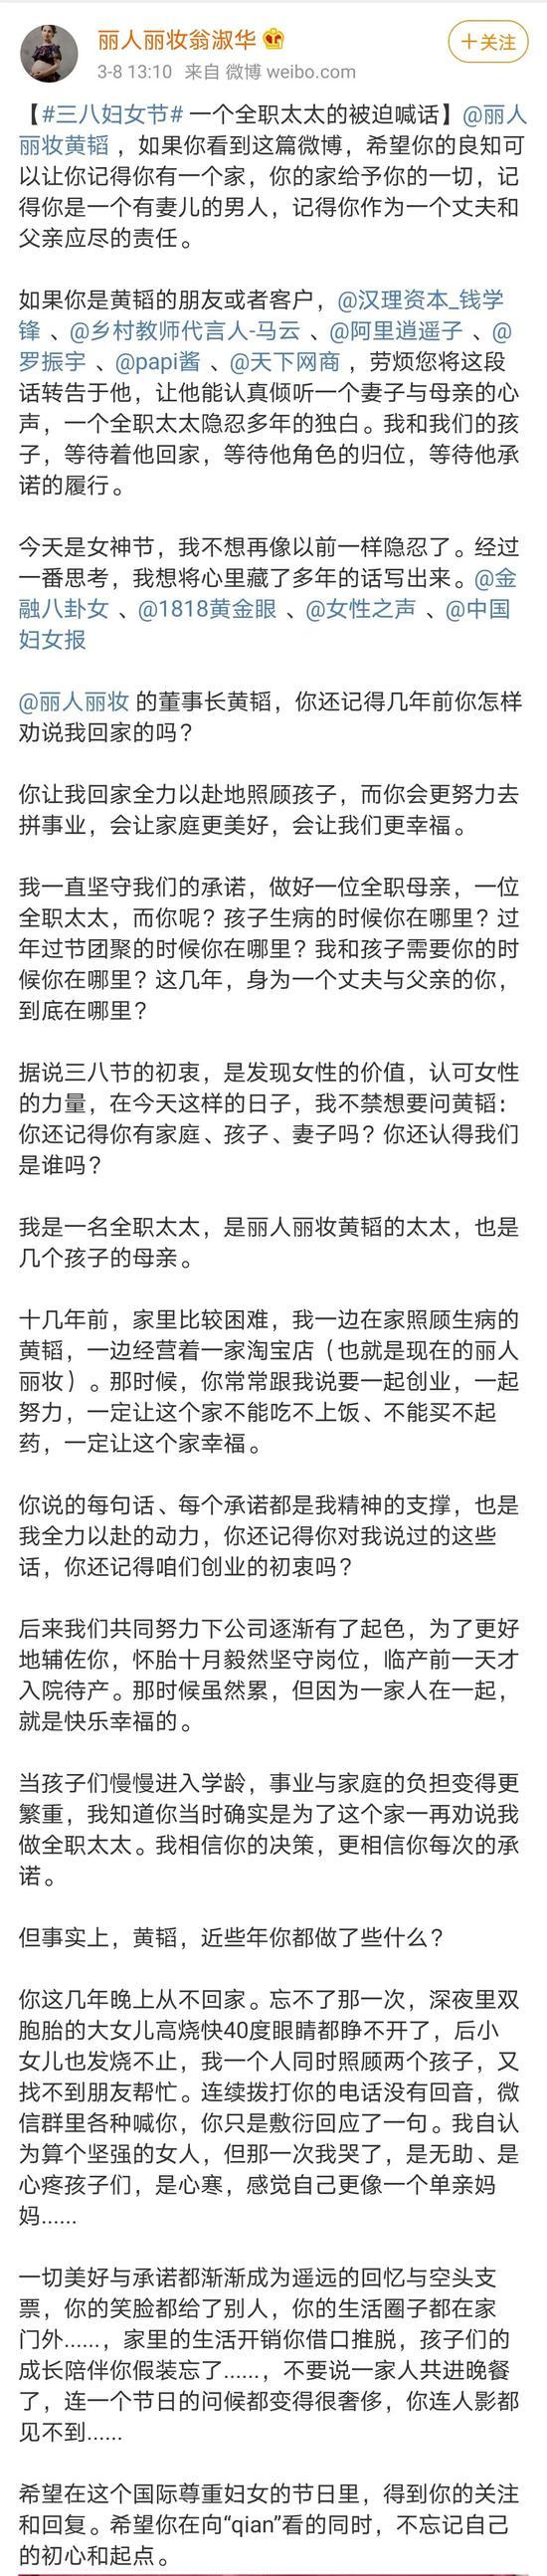 """上市公司董事长遭老板娘网上""""寻夫""""!公司曾2200万拍下papi酱广告代言…图片"""